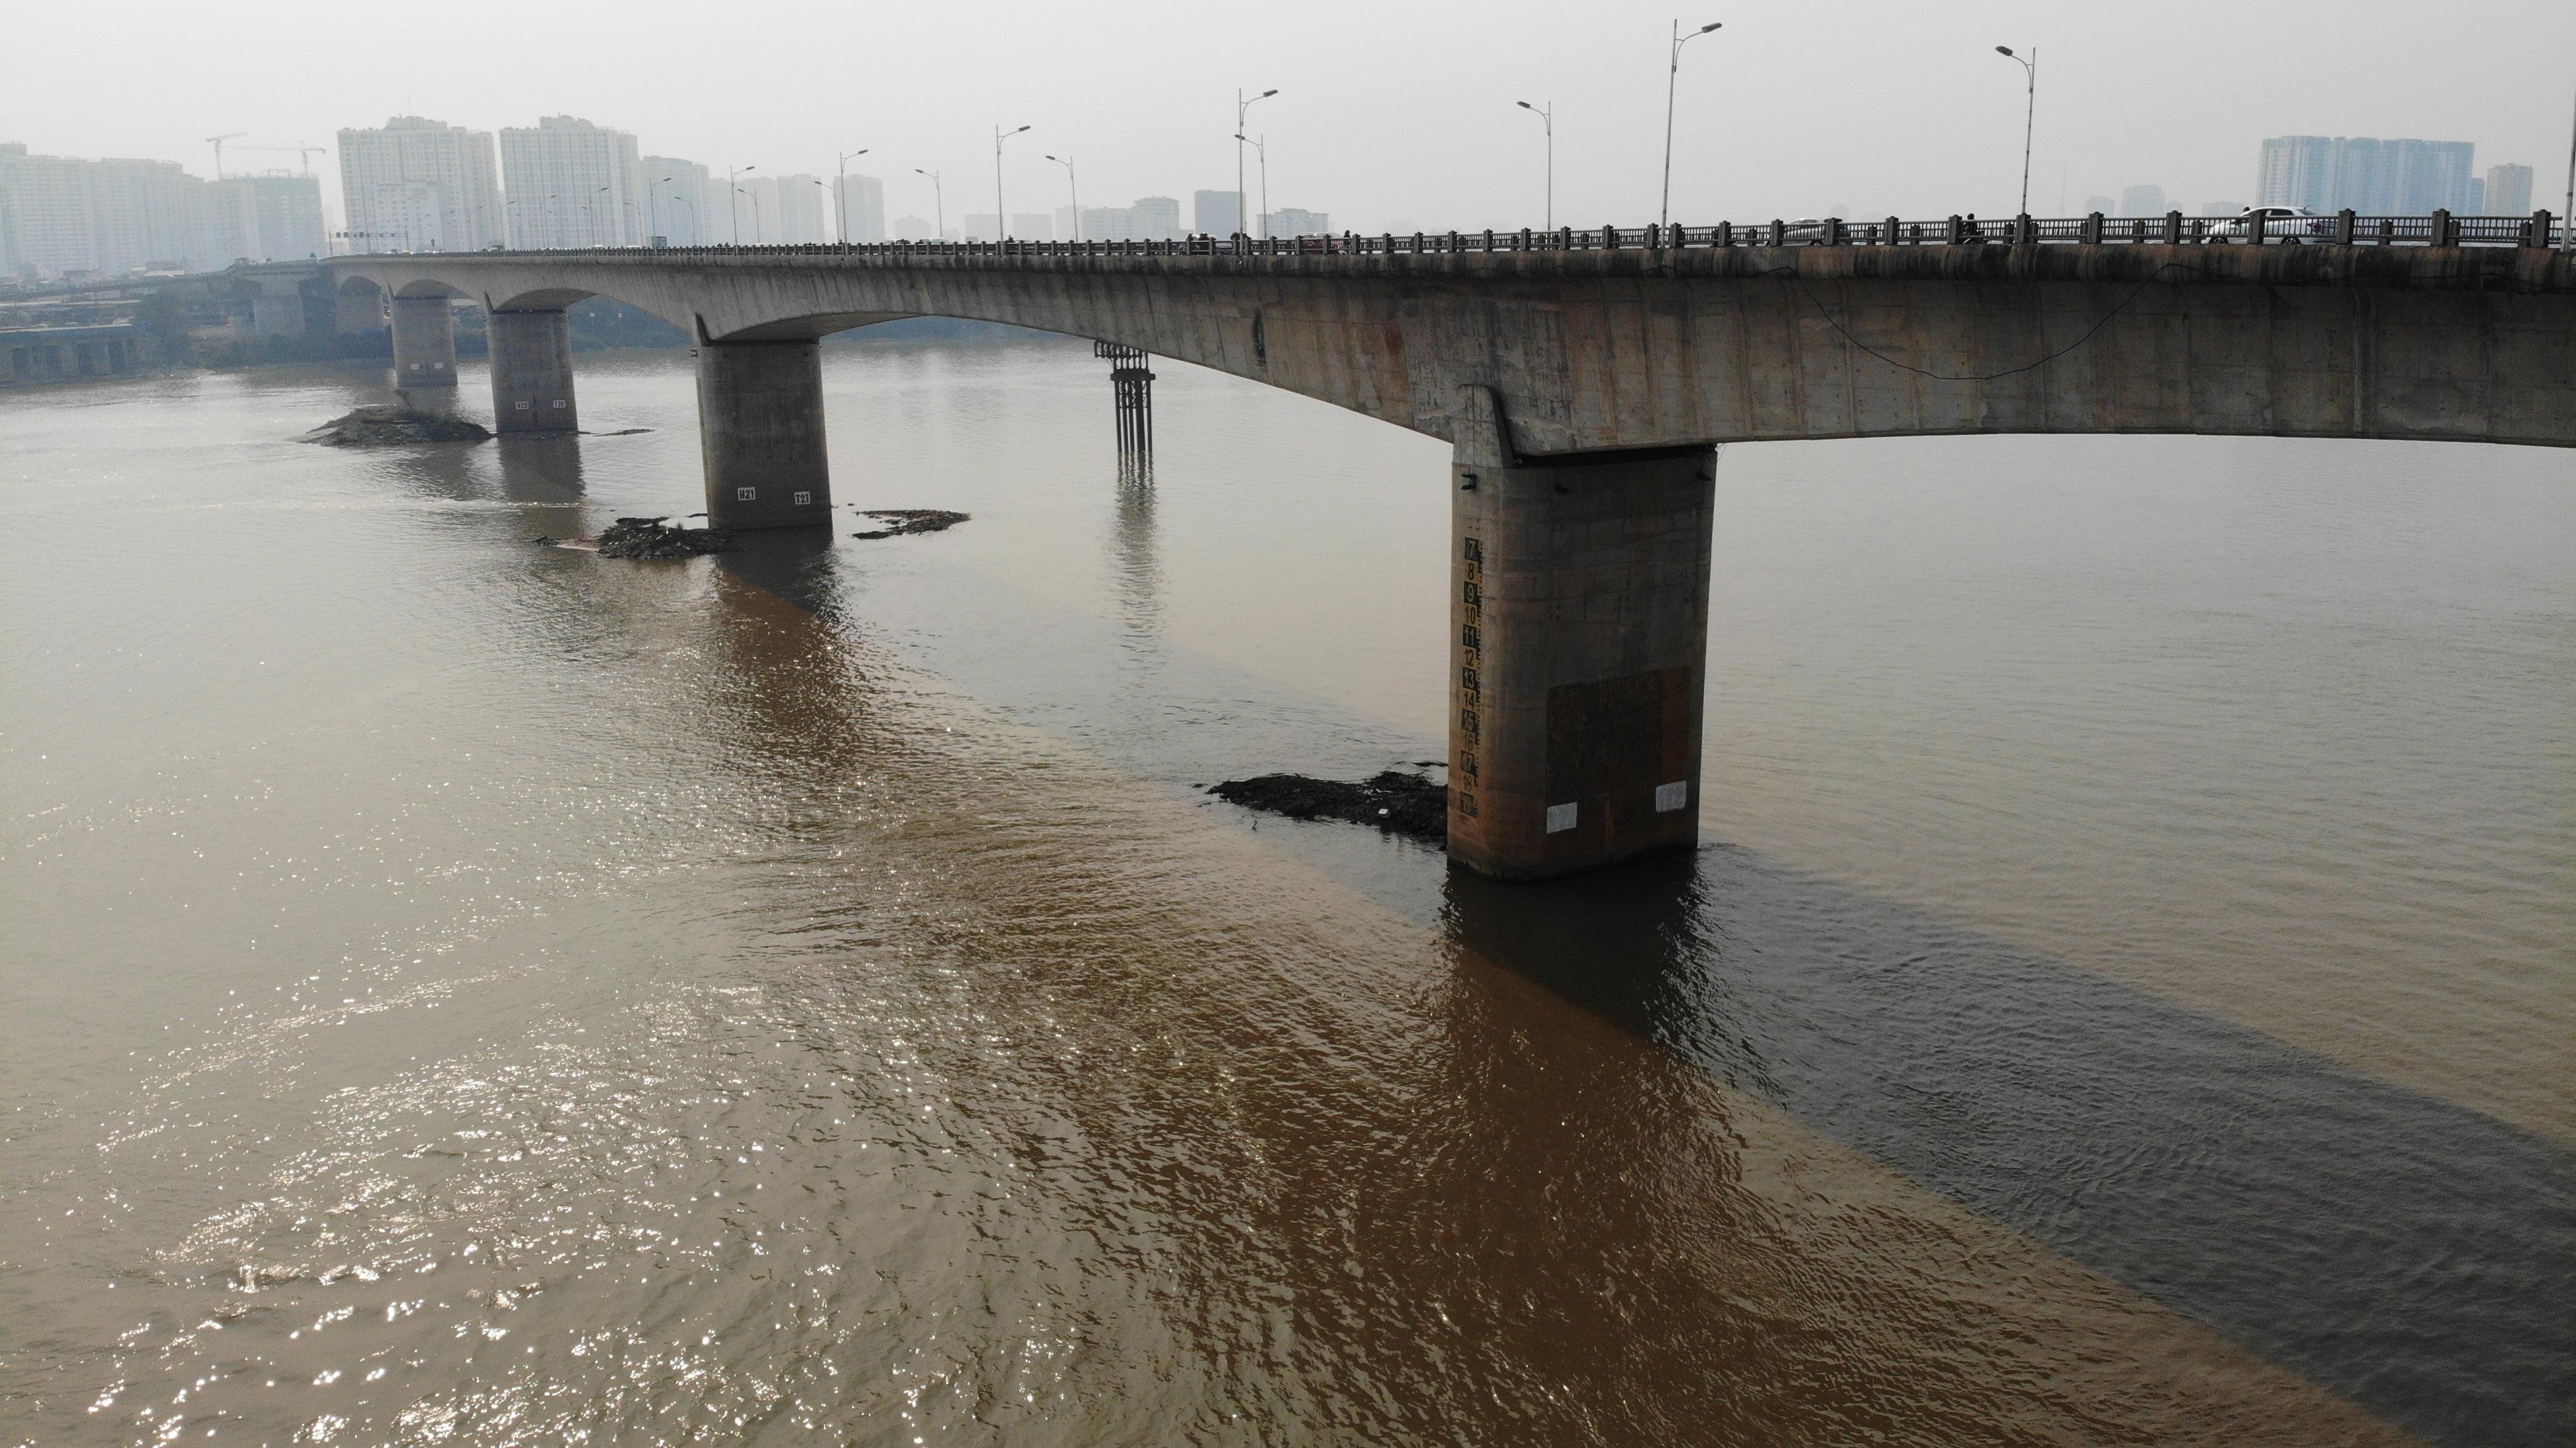 Toàn cảnh giao thông cầu Vĩnh Tuy trước khi xây cầu Vĩnh Tuy 2 - 8